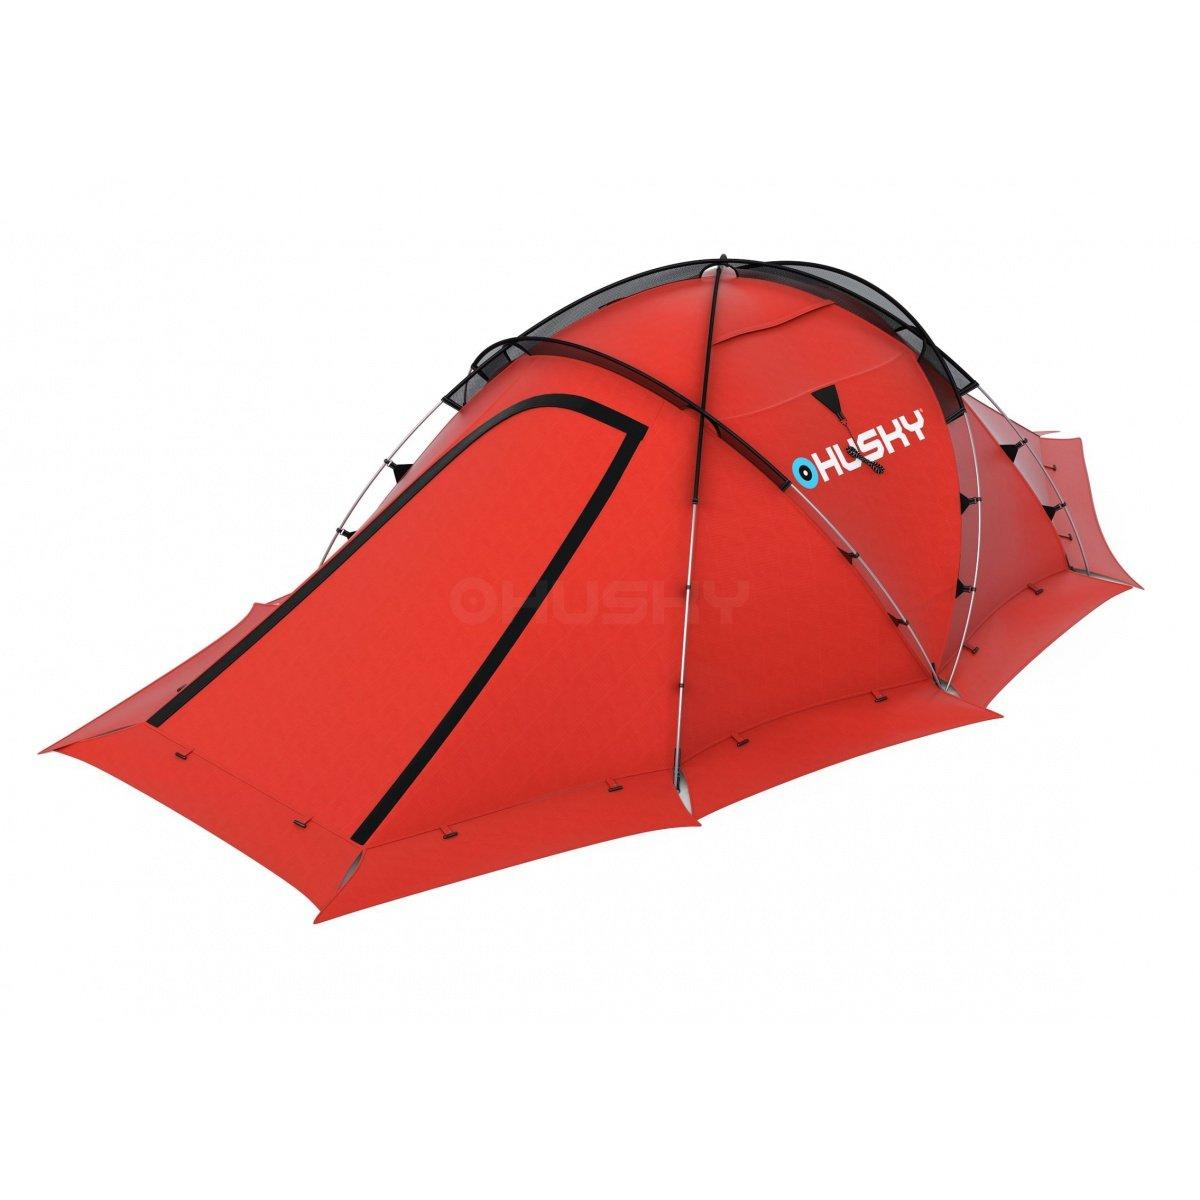 Husky - Fighter 3-4 rot, geodätisches Zelt